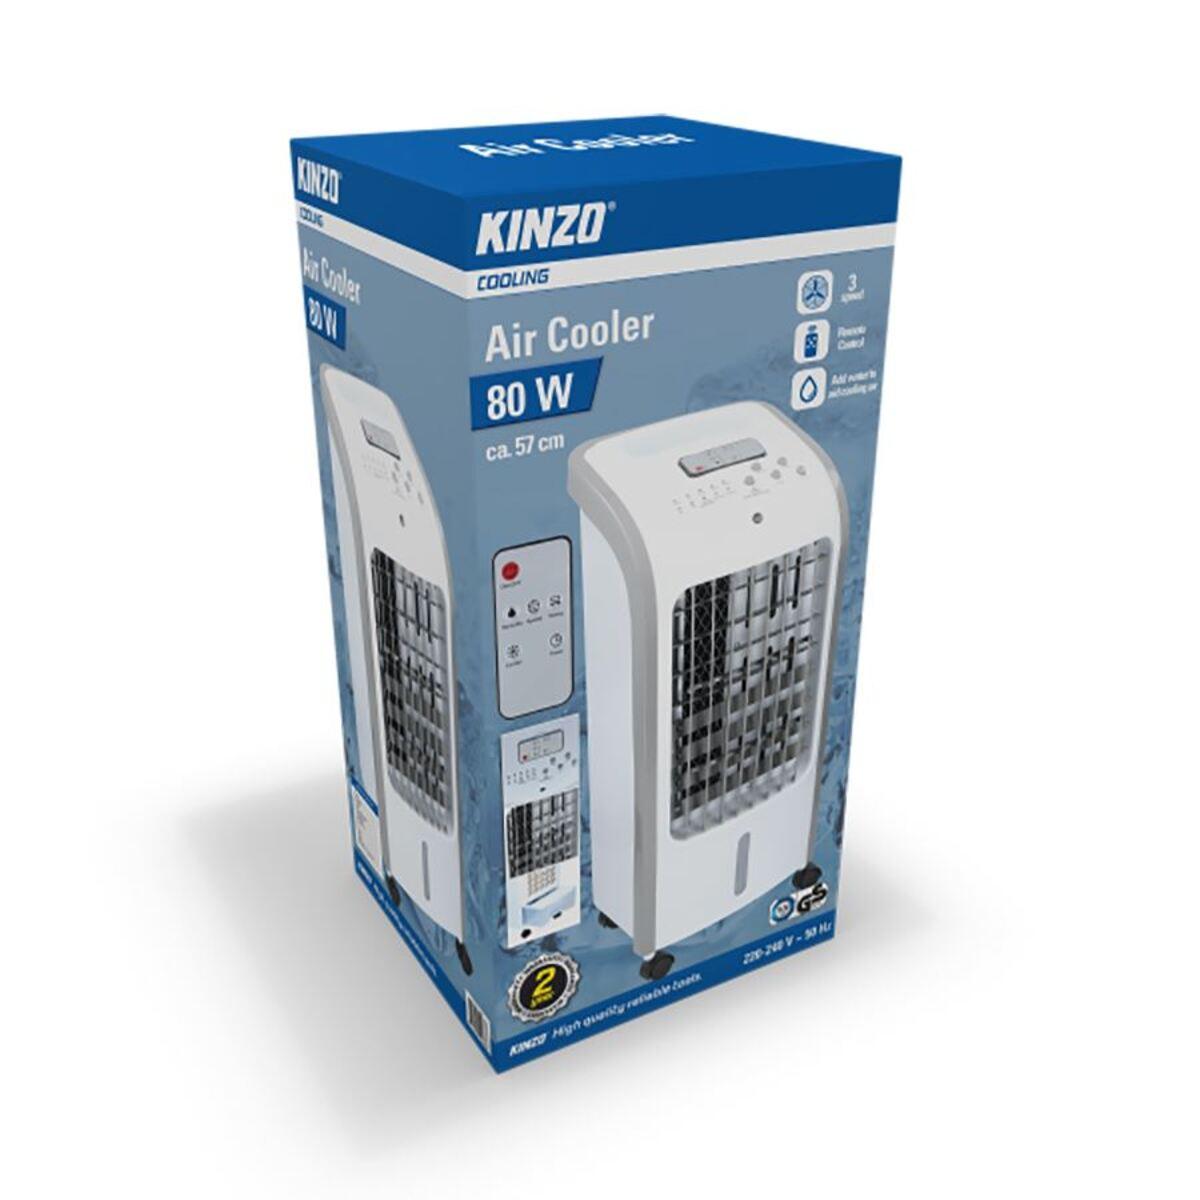 Bild 4 von Kinzo Kühllüfter 80W mit 2 Kühlpacks und Fernbedienung